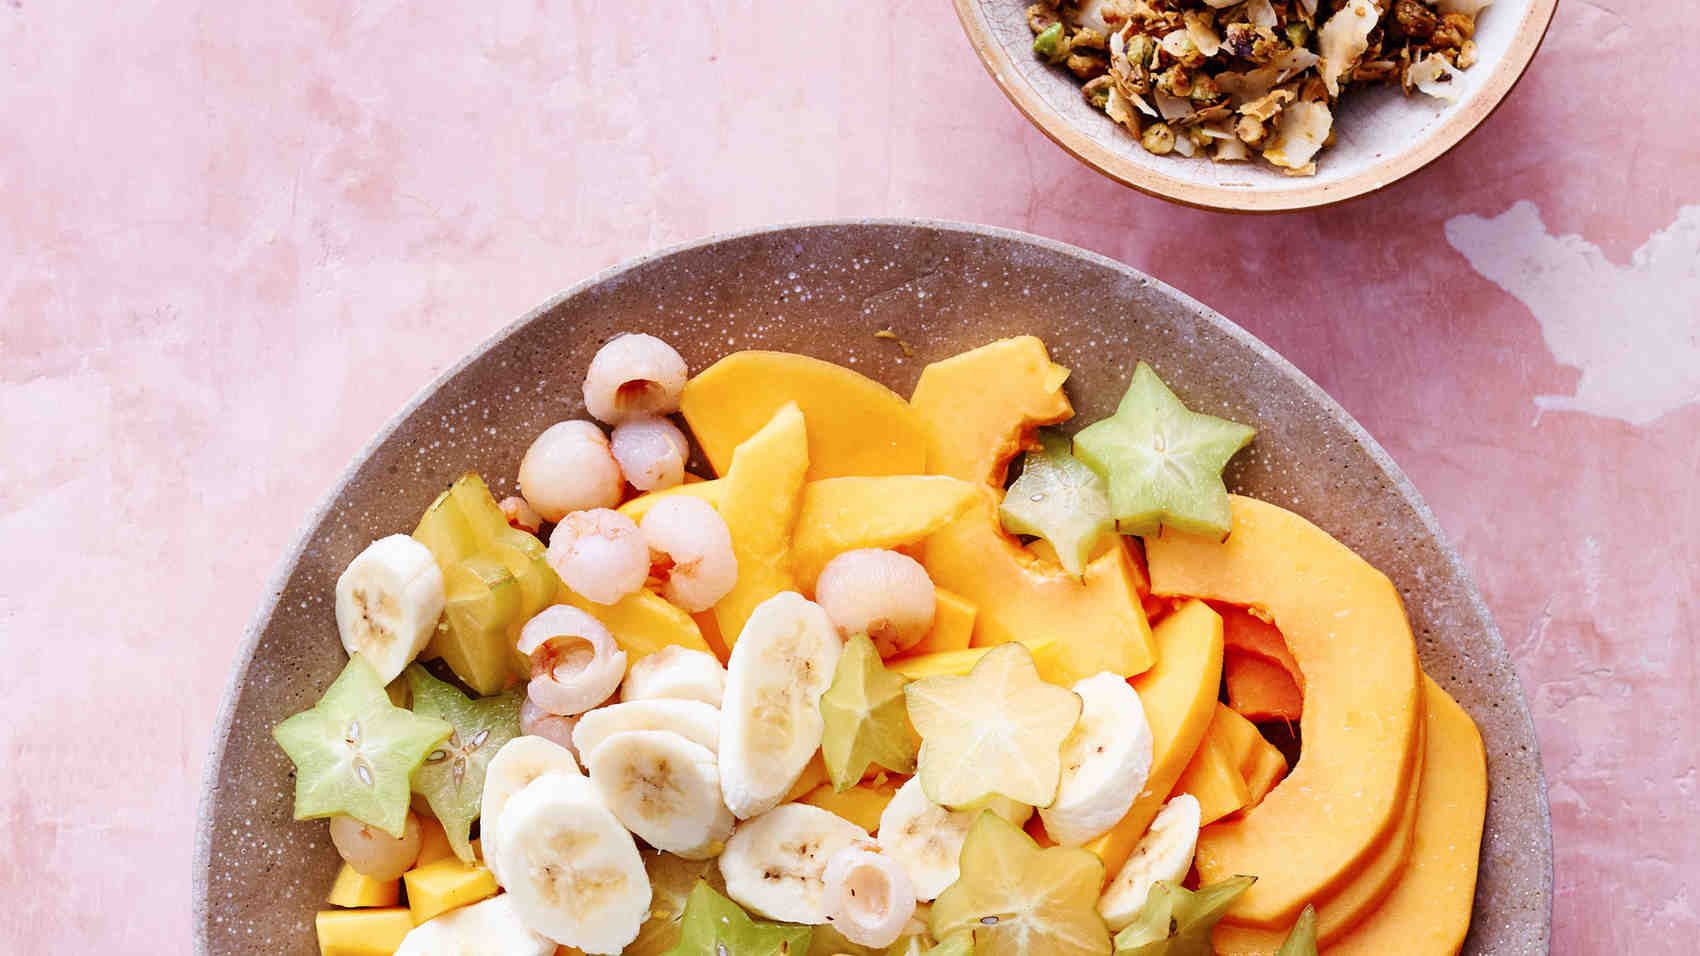 Mangos, Papayas, Lychees, Bananas, and So Much More